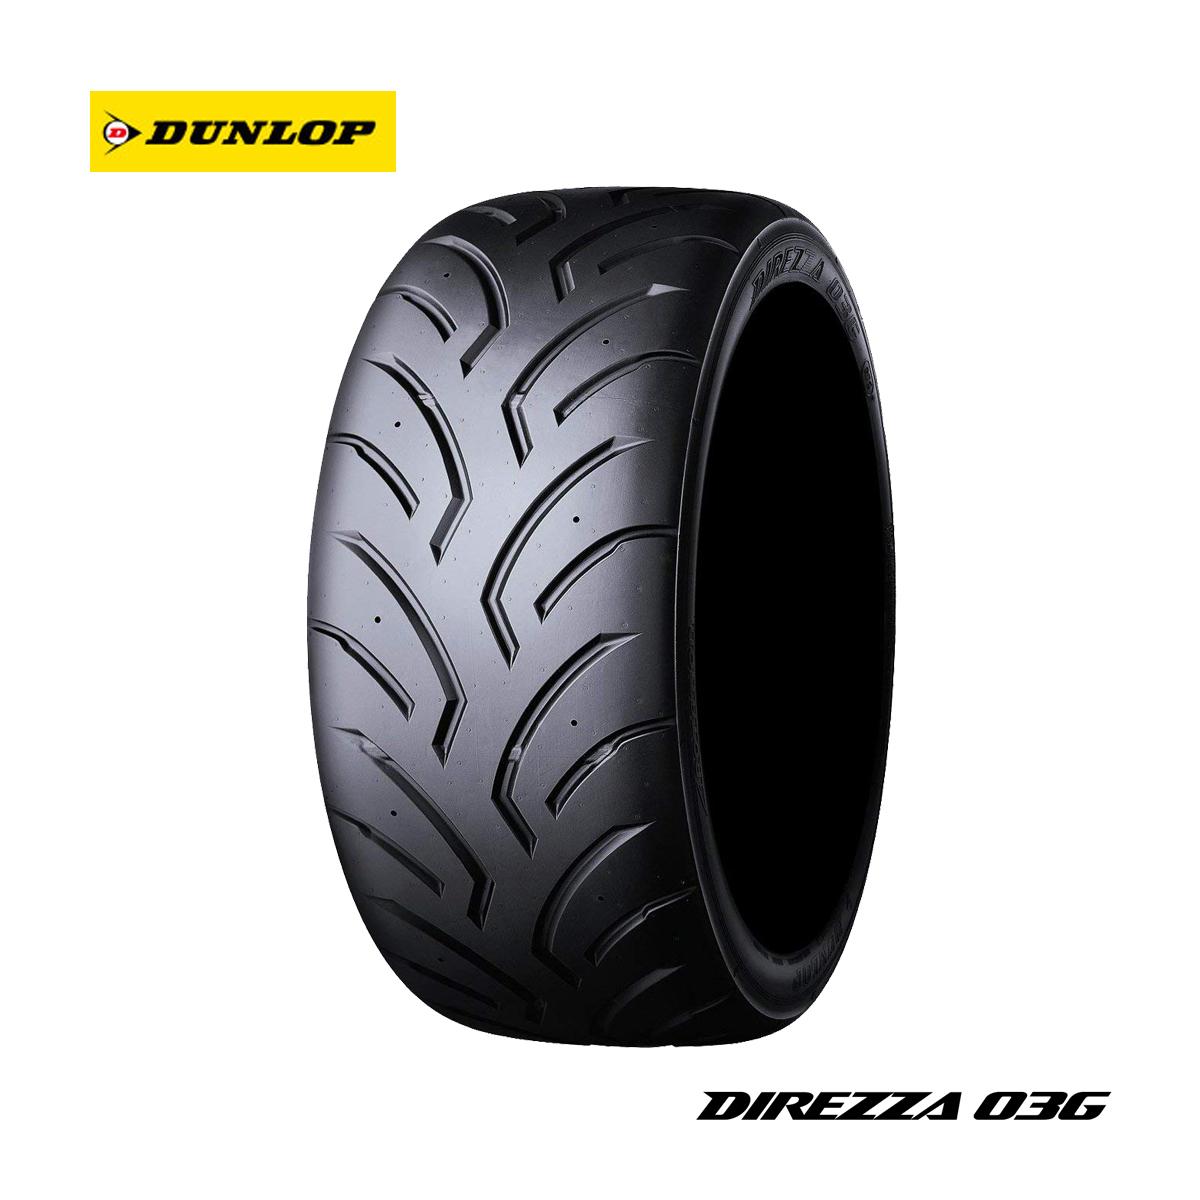 DUNLOP ダンロップ Sタイヤ ハイグリップ モータースポーツ 2本 14インチ 185/55R14 DIREZZA ディレッツァ 03G コンパウンド H1